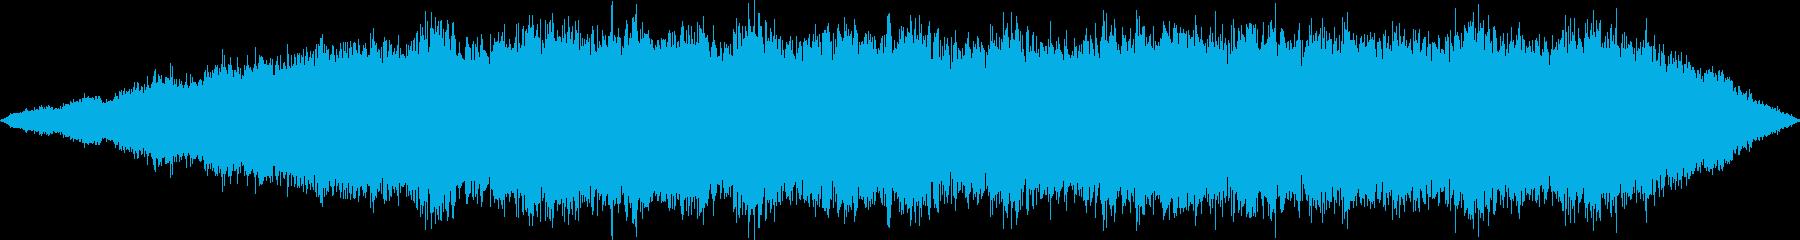 リラックスできる音楽の再生済みの波形